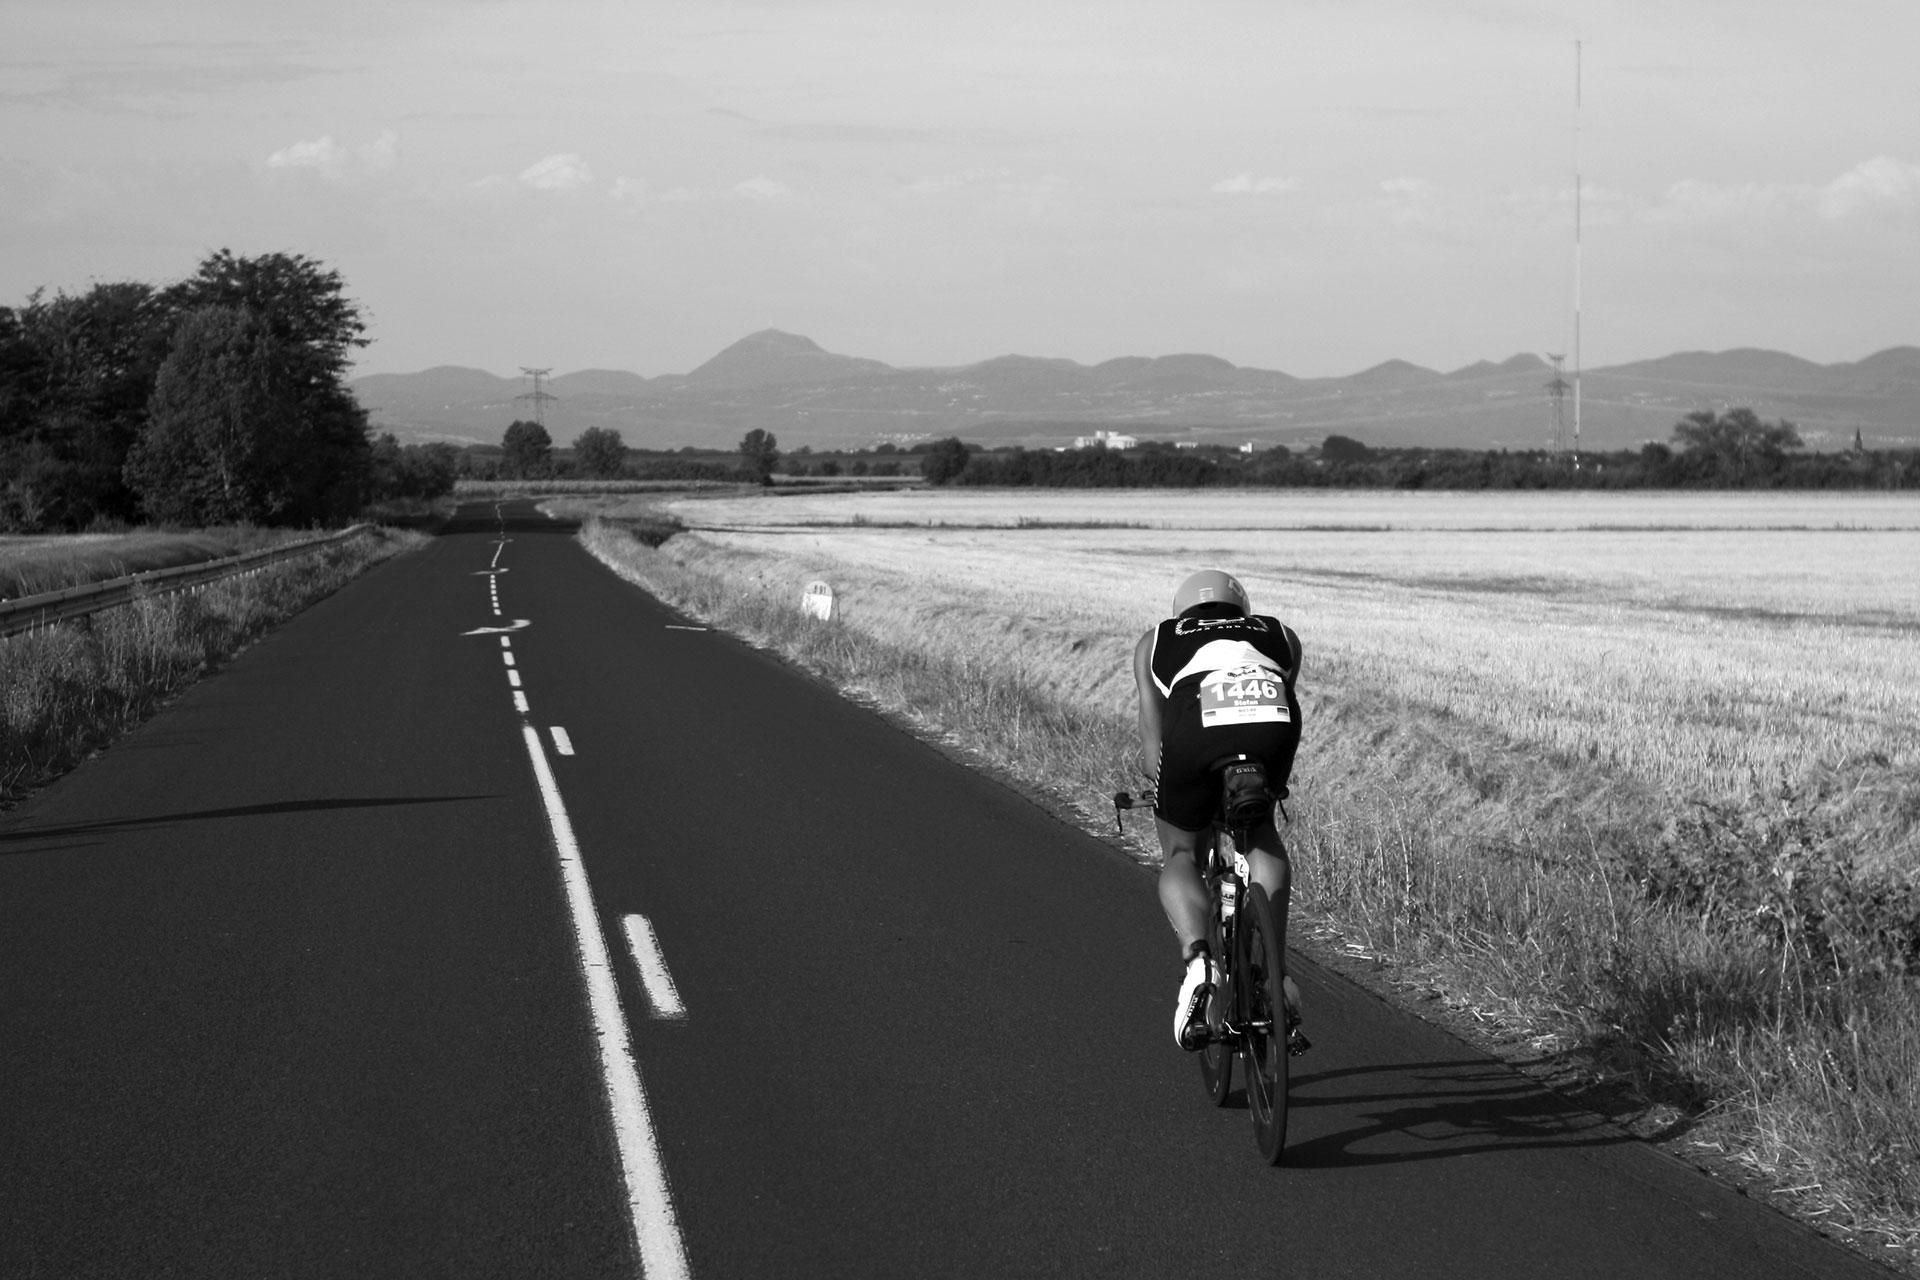 IRONMAN VICHY 2016 The Story: Echter Erfolg mit virtuellen Nebenwirkungen / Lange Geraden und eine überwältigende Aussicht auf den Puy de Dôme ©stefandrexl.de